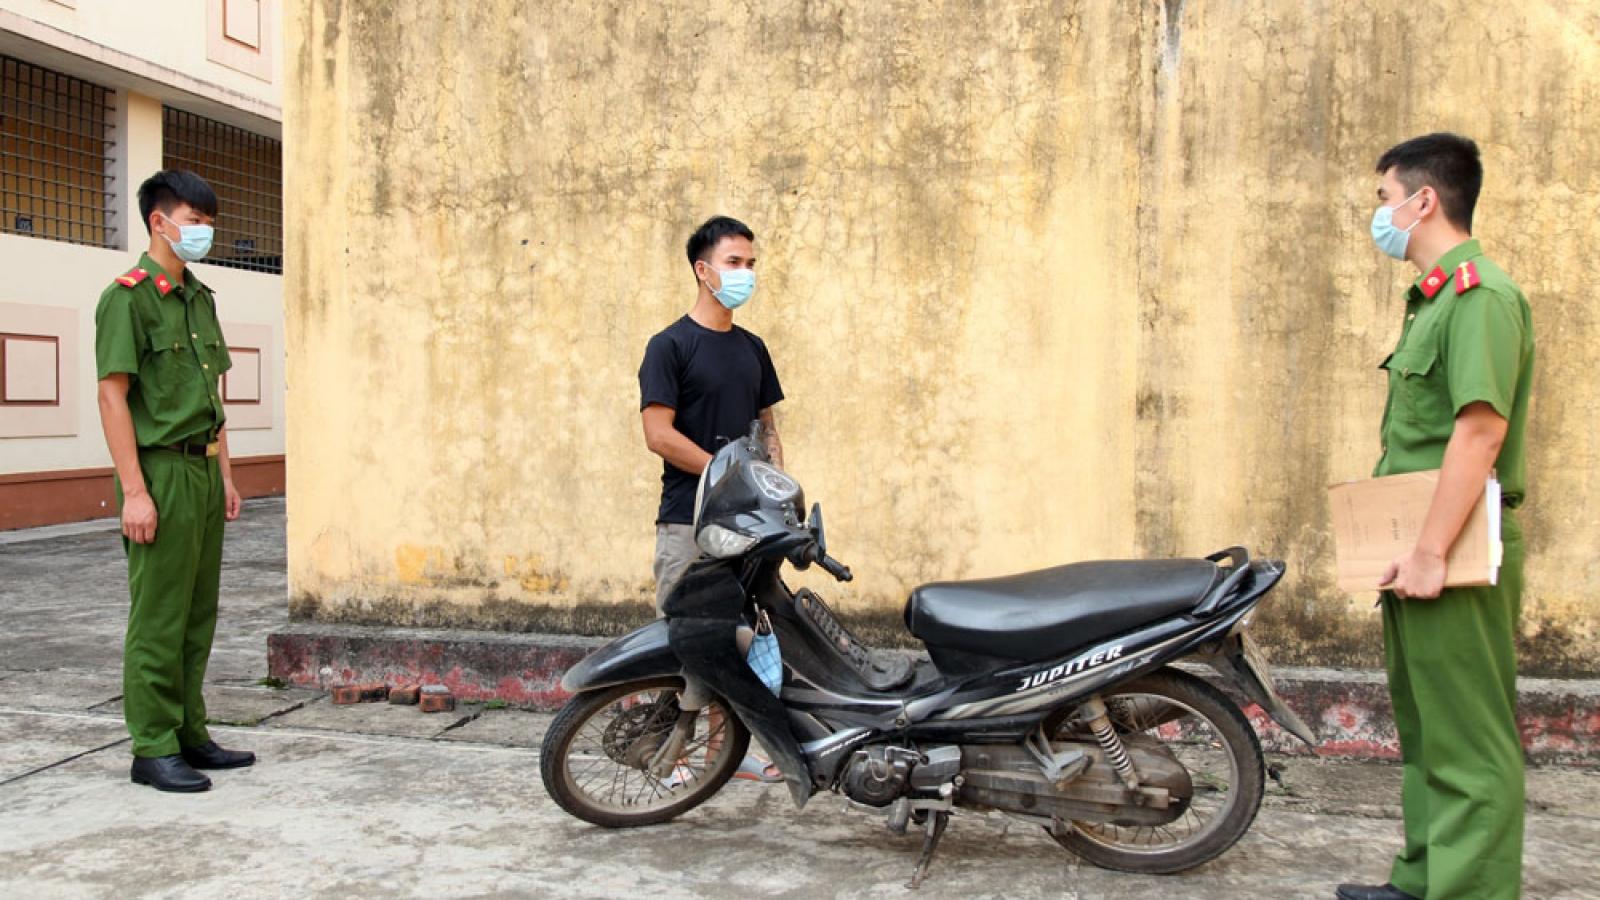 Thái Nguyên bắt giữ đối tượng thiếu nợ tiền đánh bạc gây ra nhiều vụ cướp giật tài sản